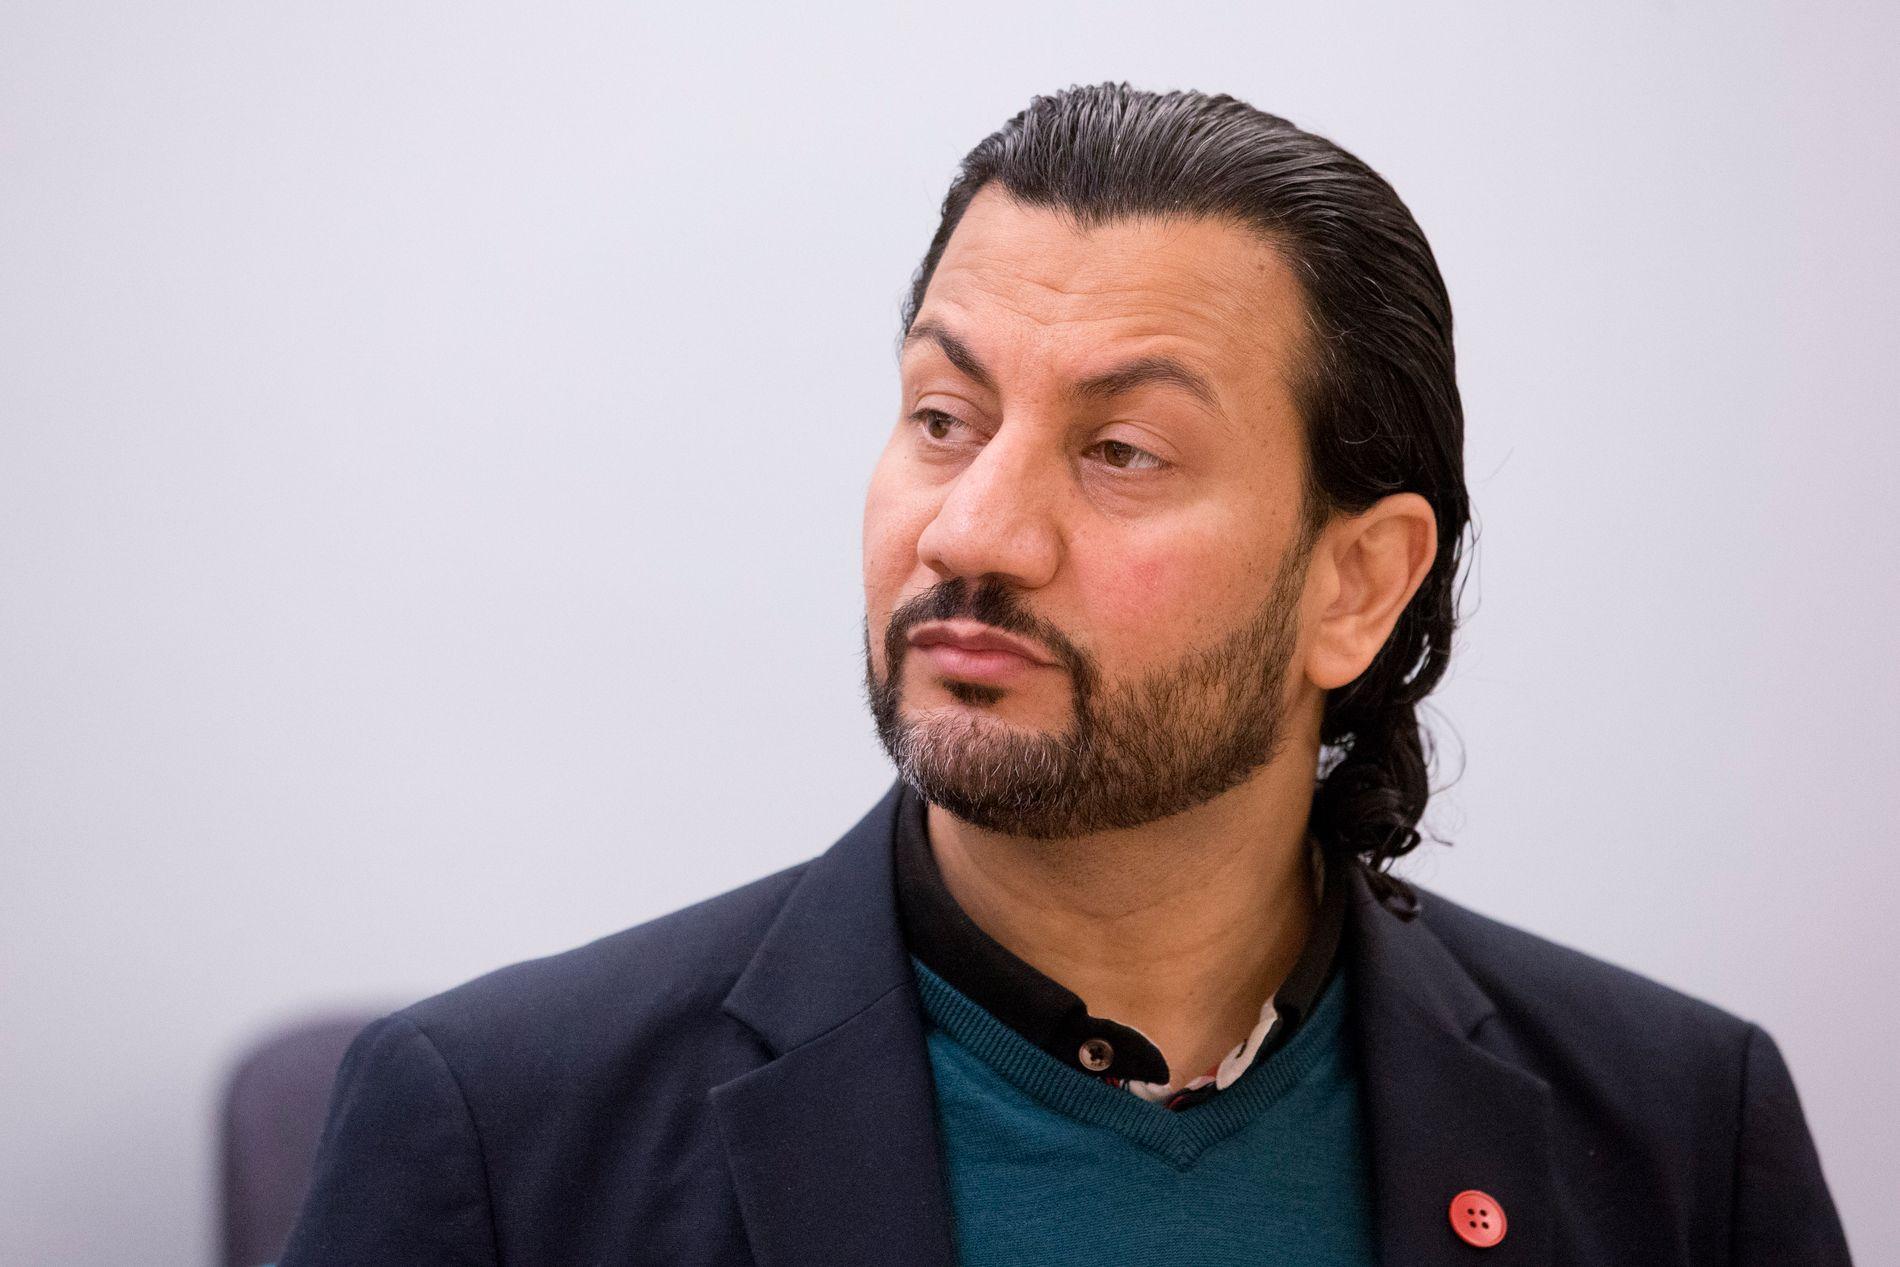 LEDER: Mehtab Afsar i Islamsk Råd Norge.